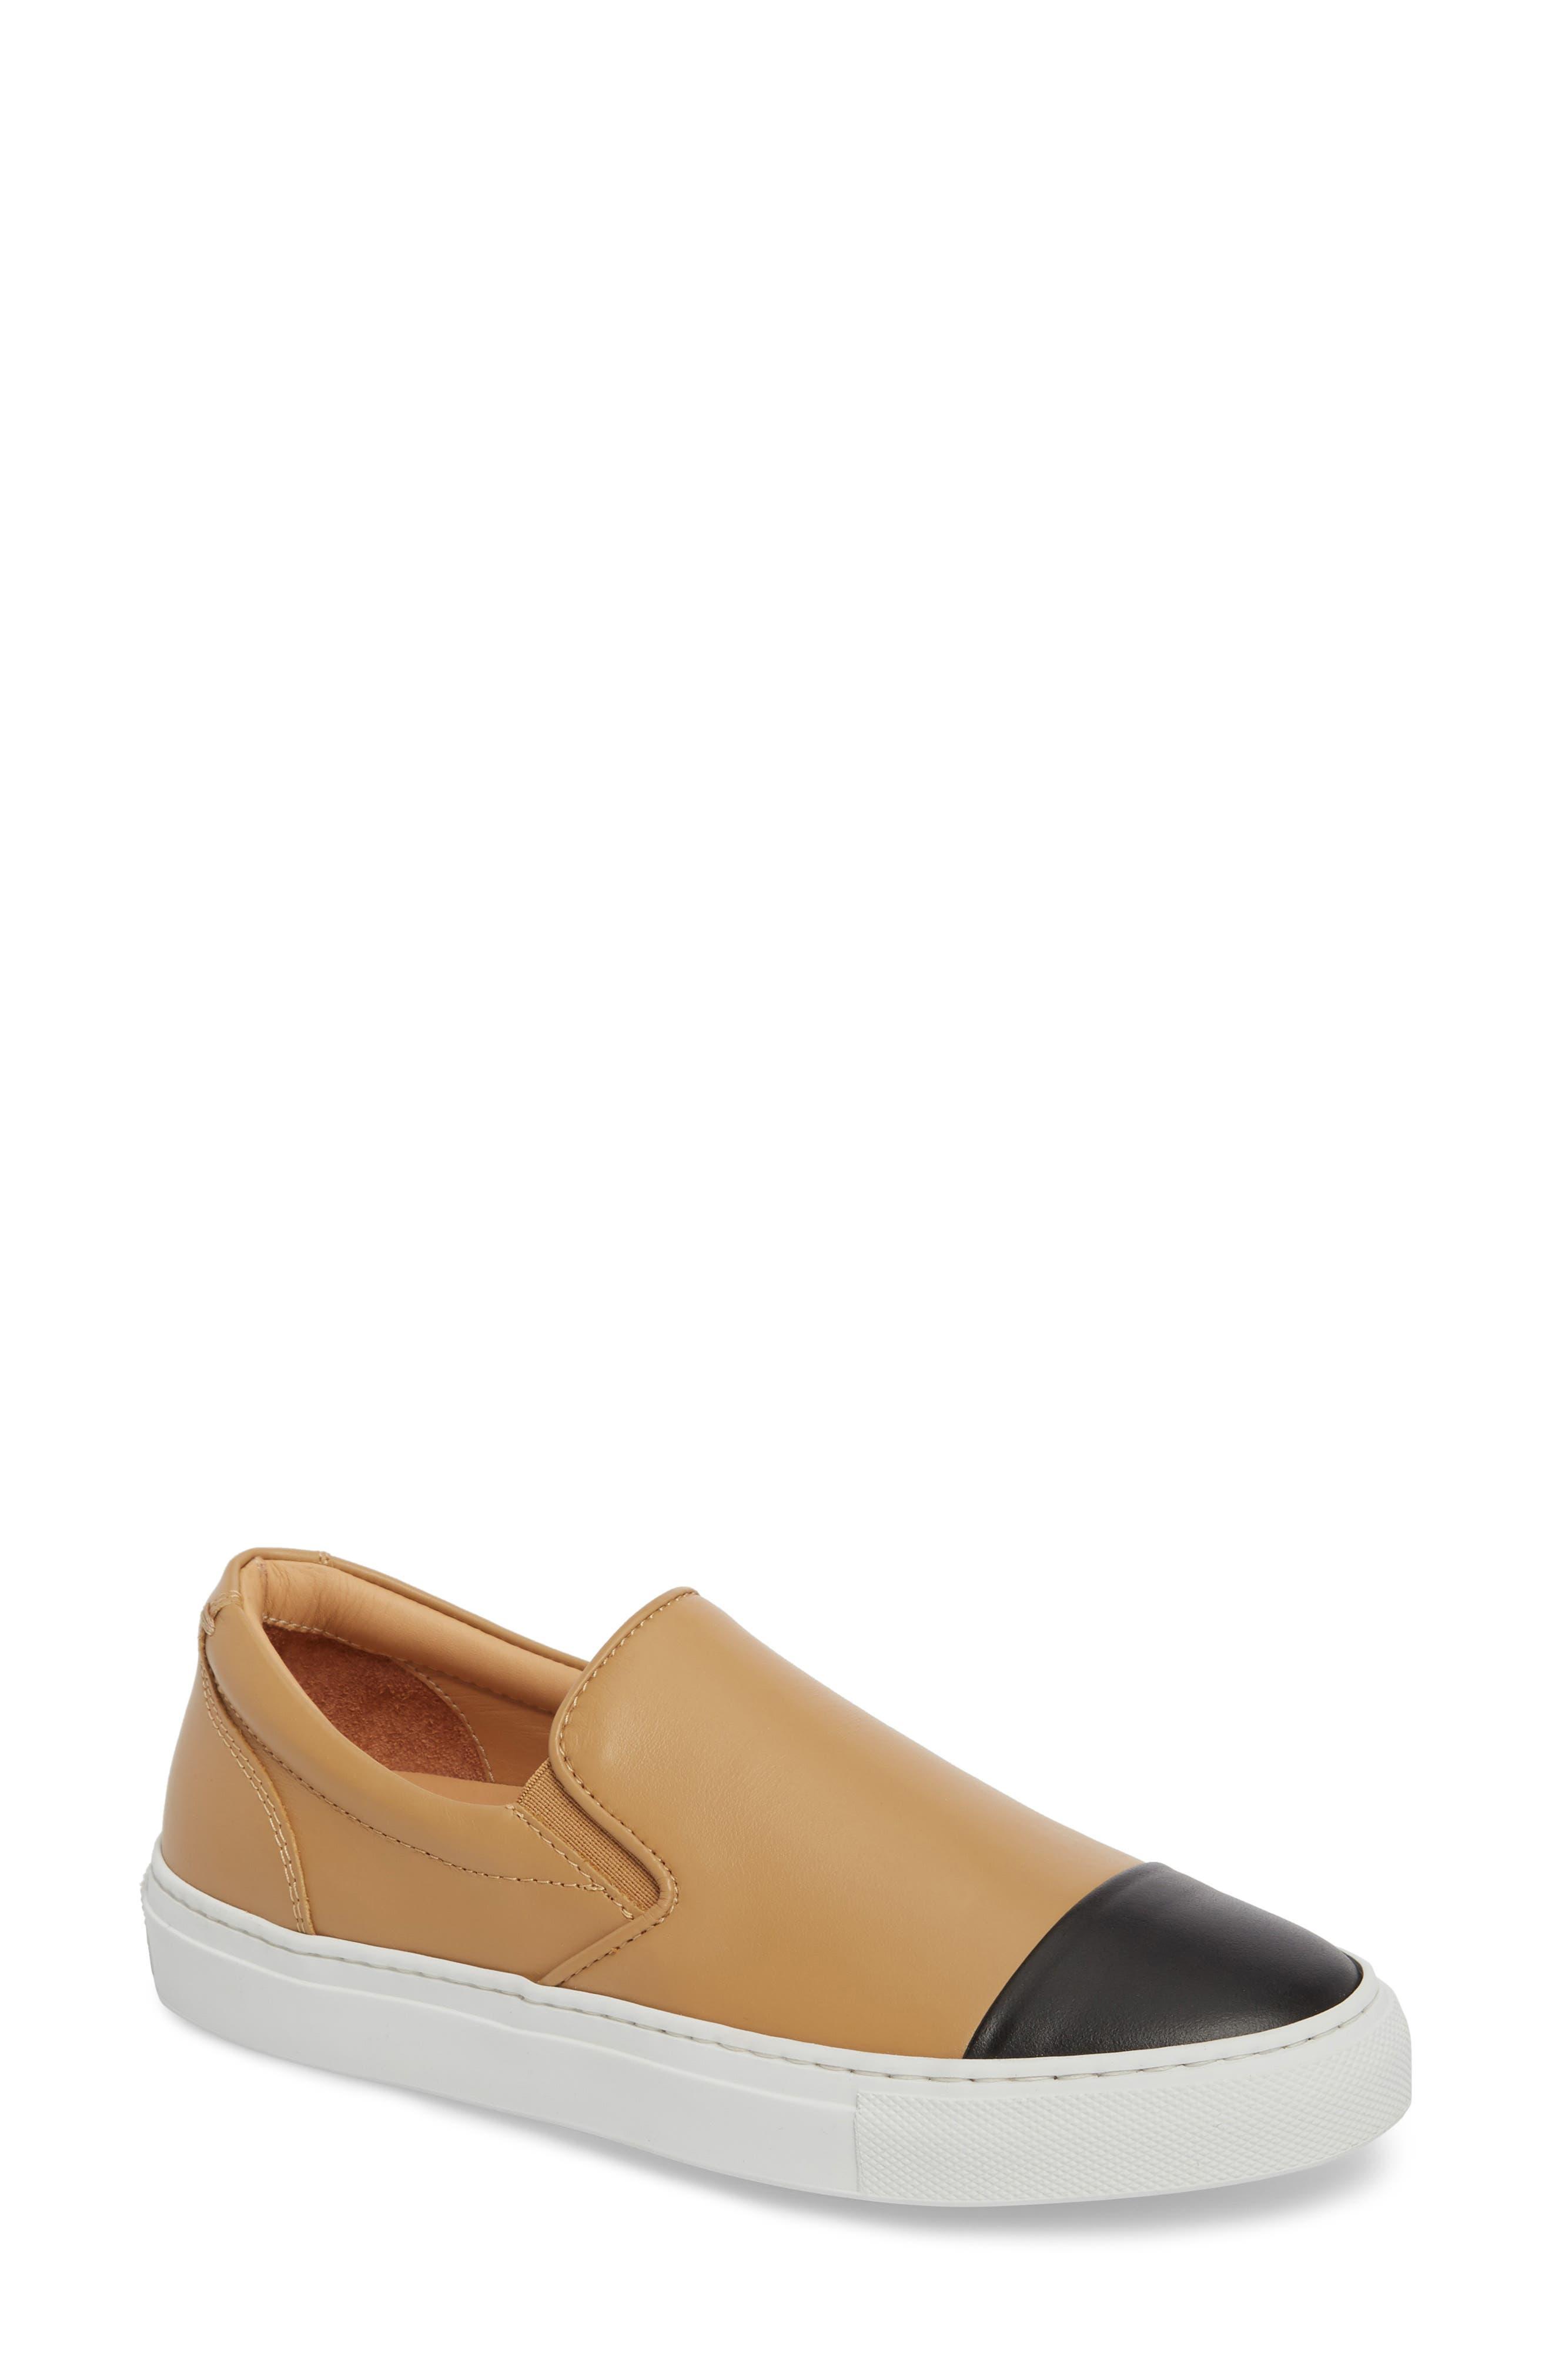 Greats Wooster Cap Toe Slip-On Sneaker (Women)